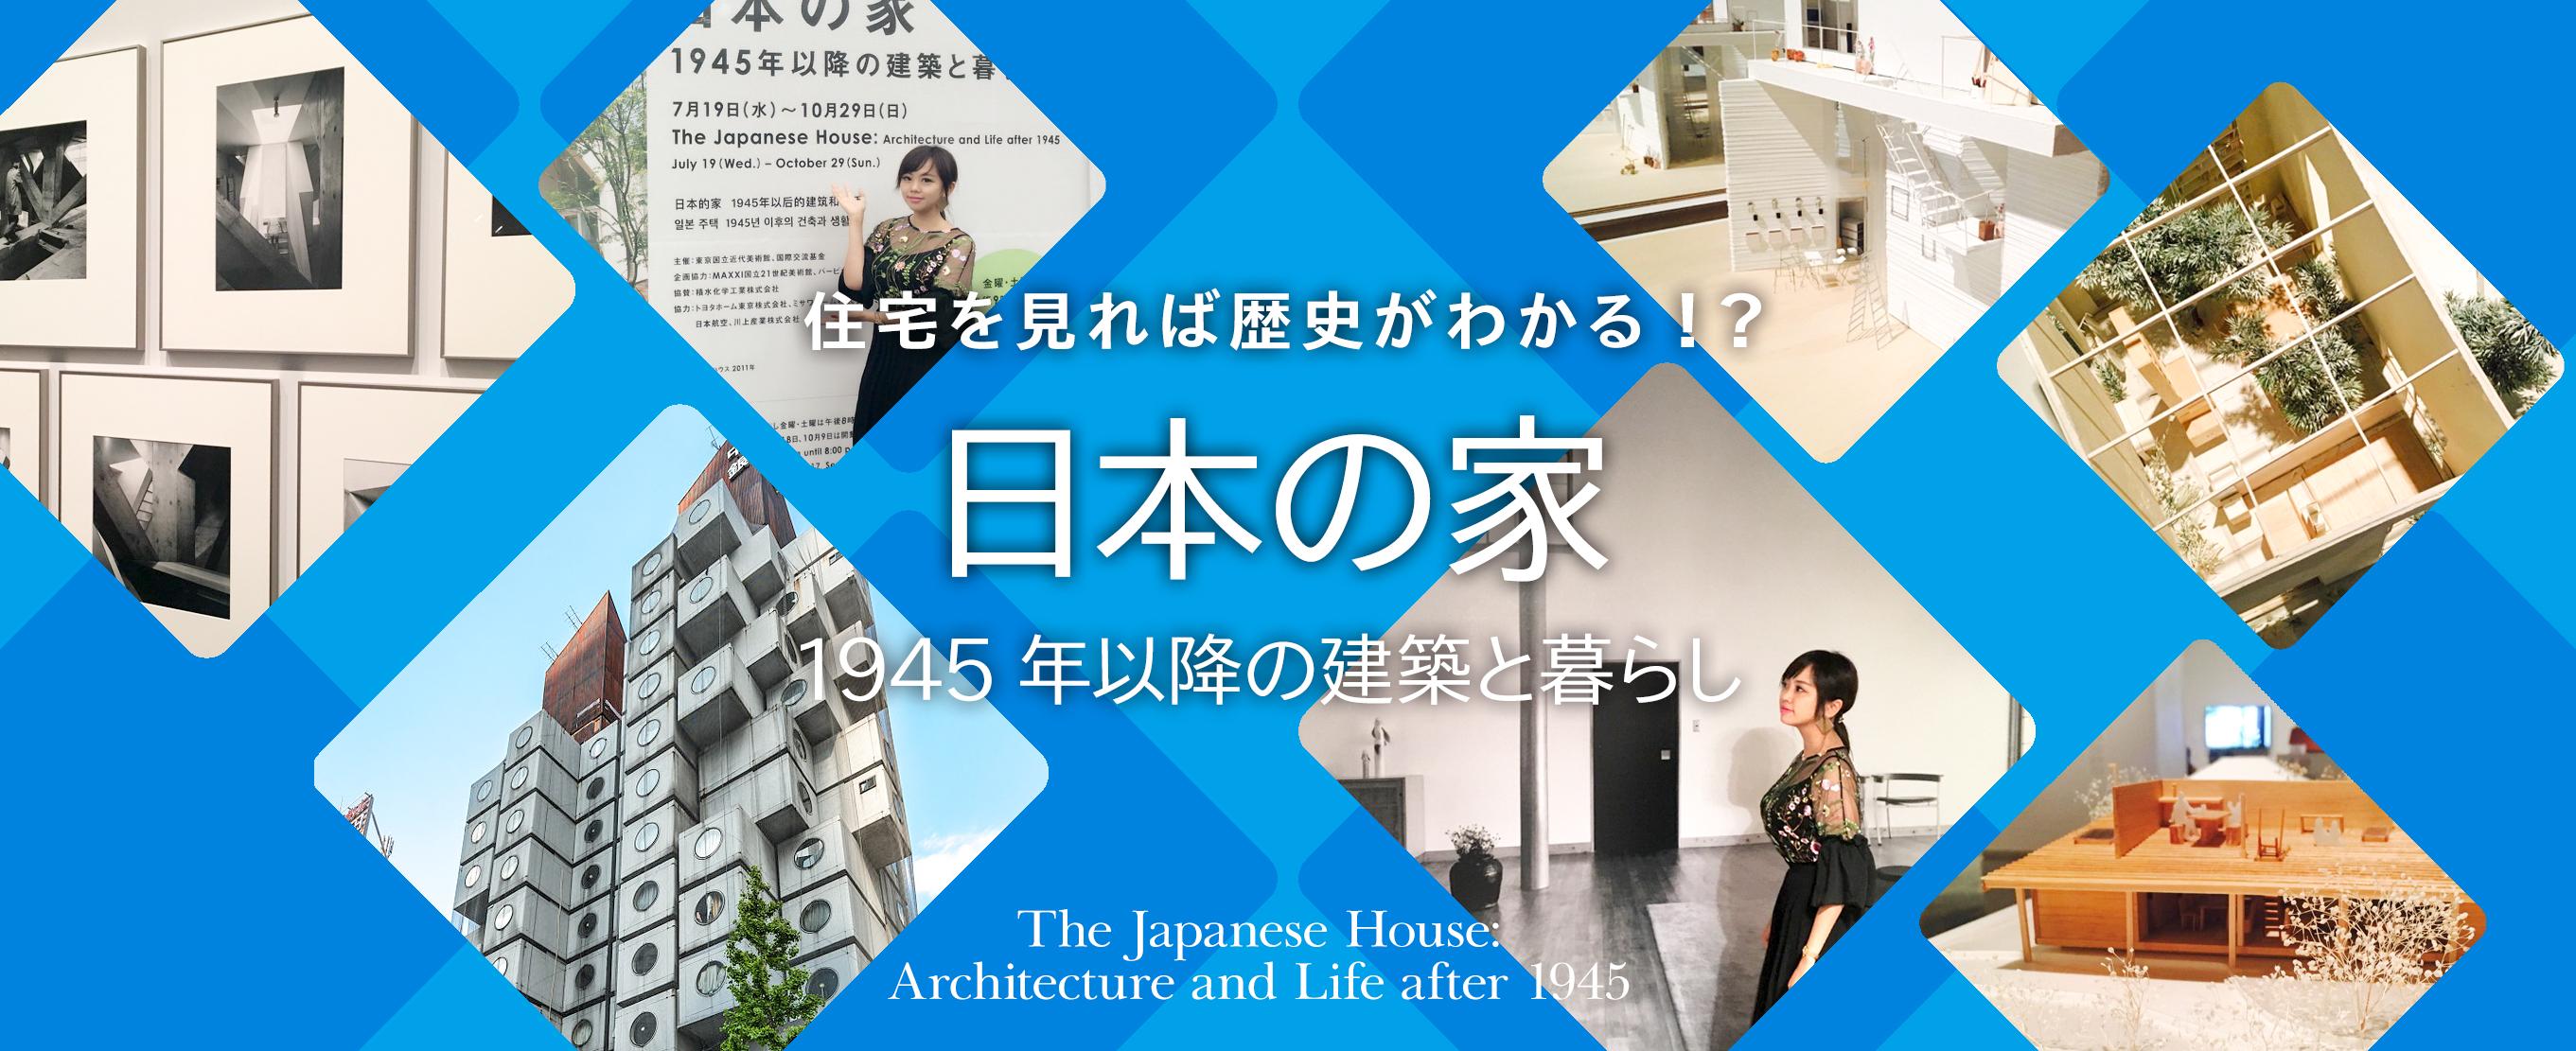 住宅を見れば歴史がわかる!?「日本の家 1945年以降の建築と暮らし」